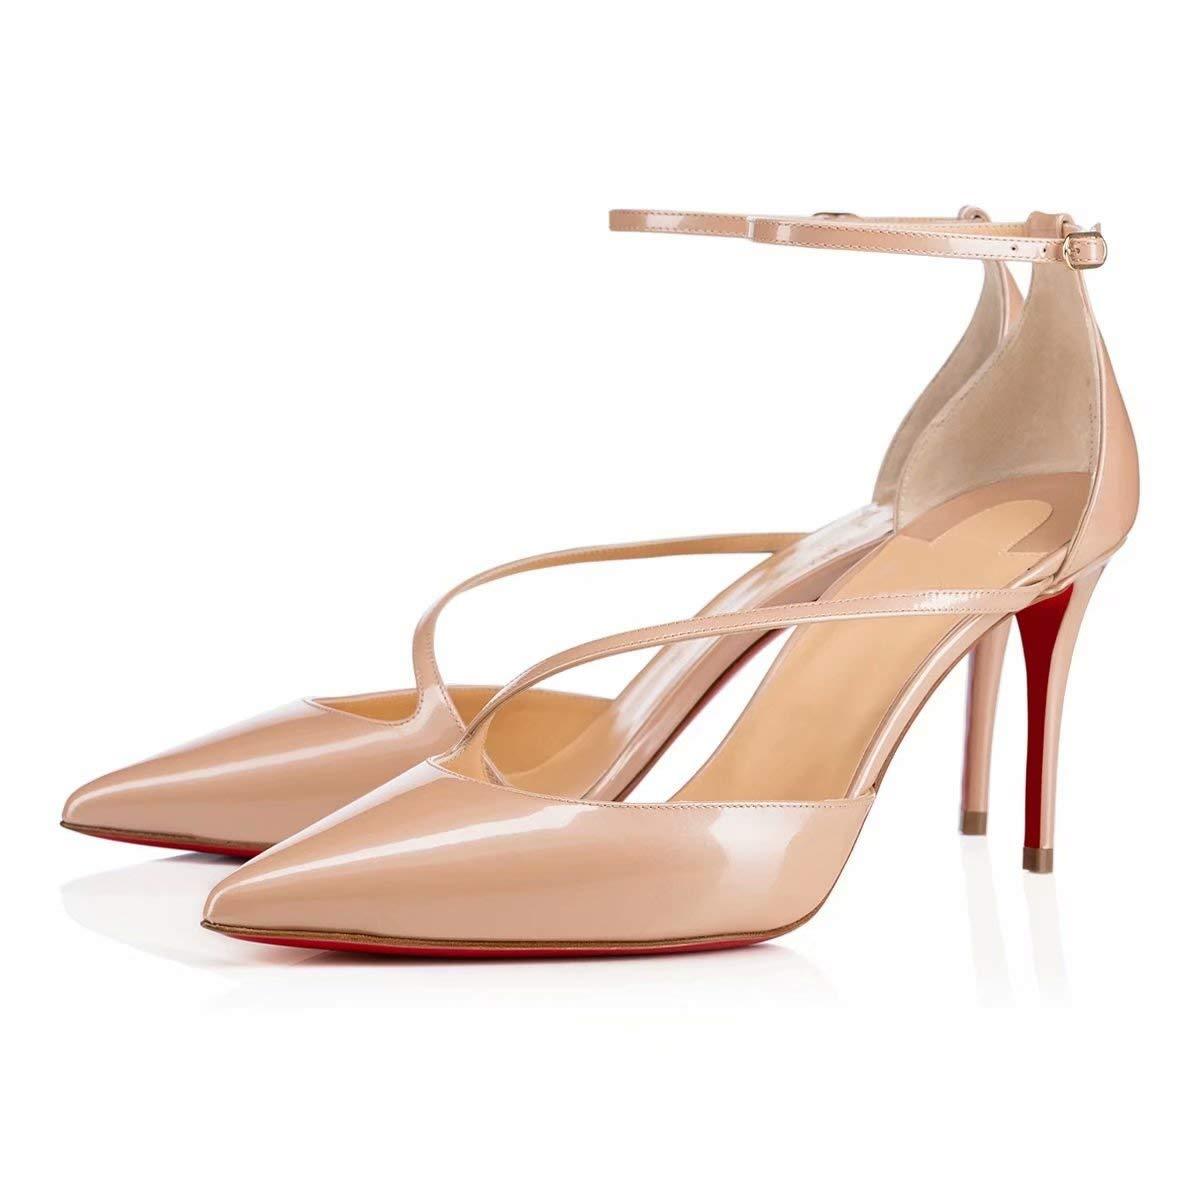 Chris-T Femmes Mode Peep B0725JHKXS Toe avec des Talons Pompes Femmes Hauts Stiletto Robe De Pompes Taille 35-45 EU Sangle Nude-8.5cm-red S0le a981f92 - piero.space